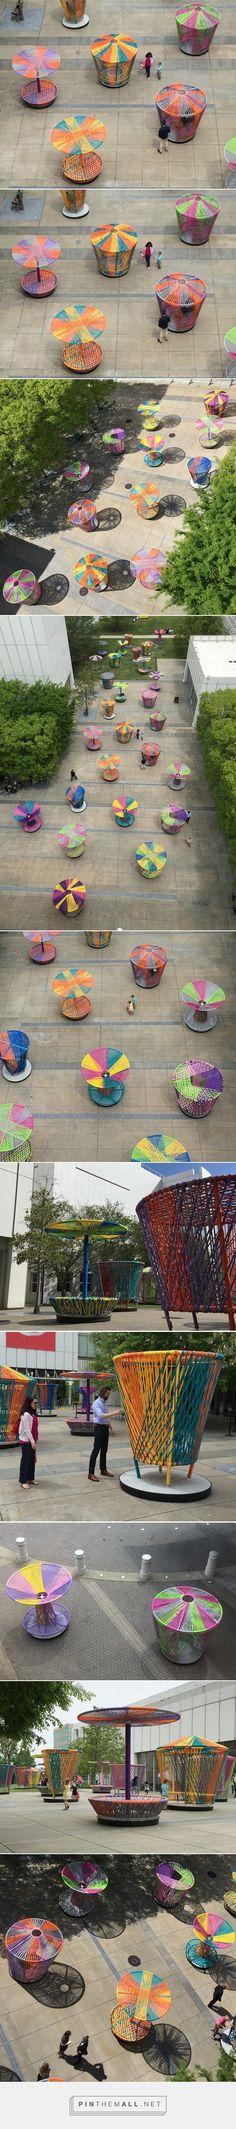 los trompos by hector esrawe and ignacio cadena - created via http://pinthemall.net